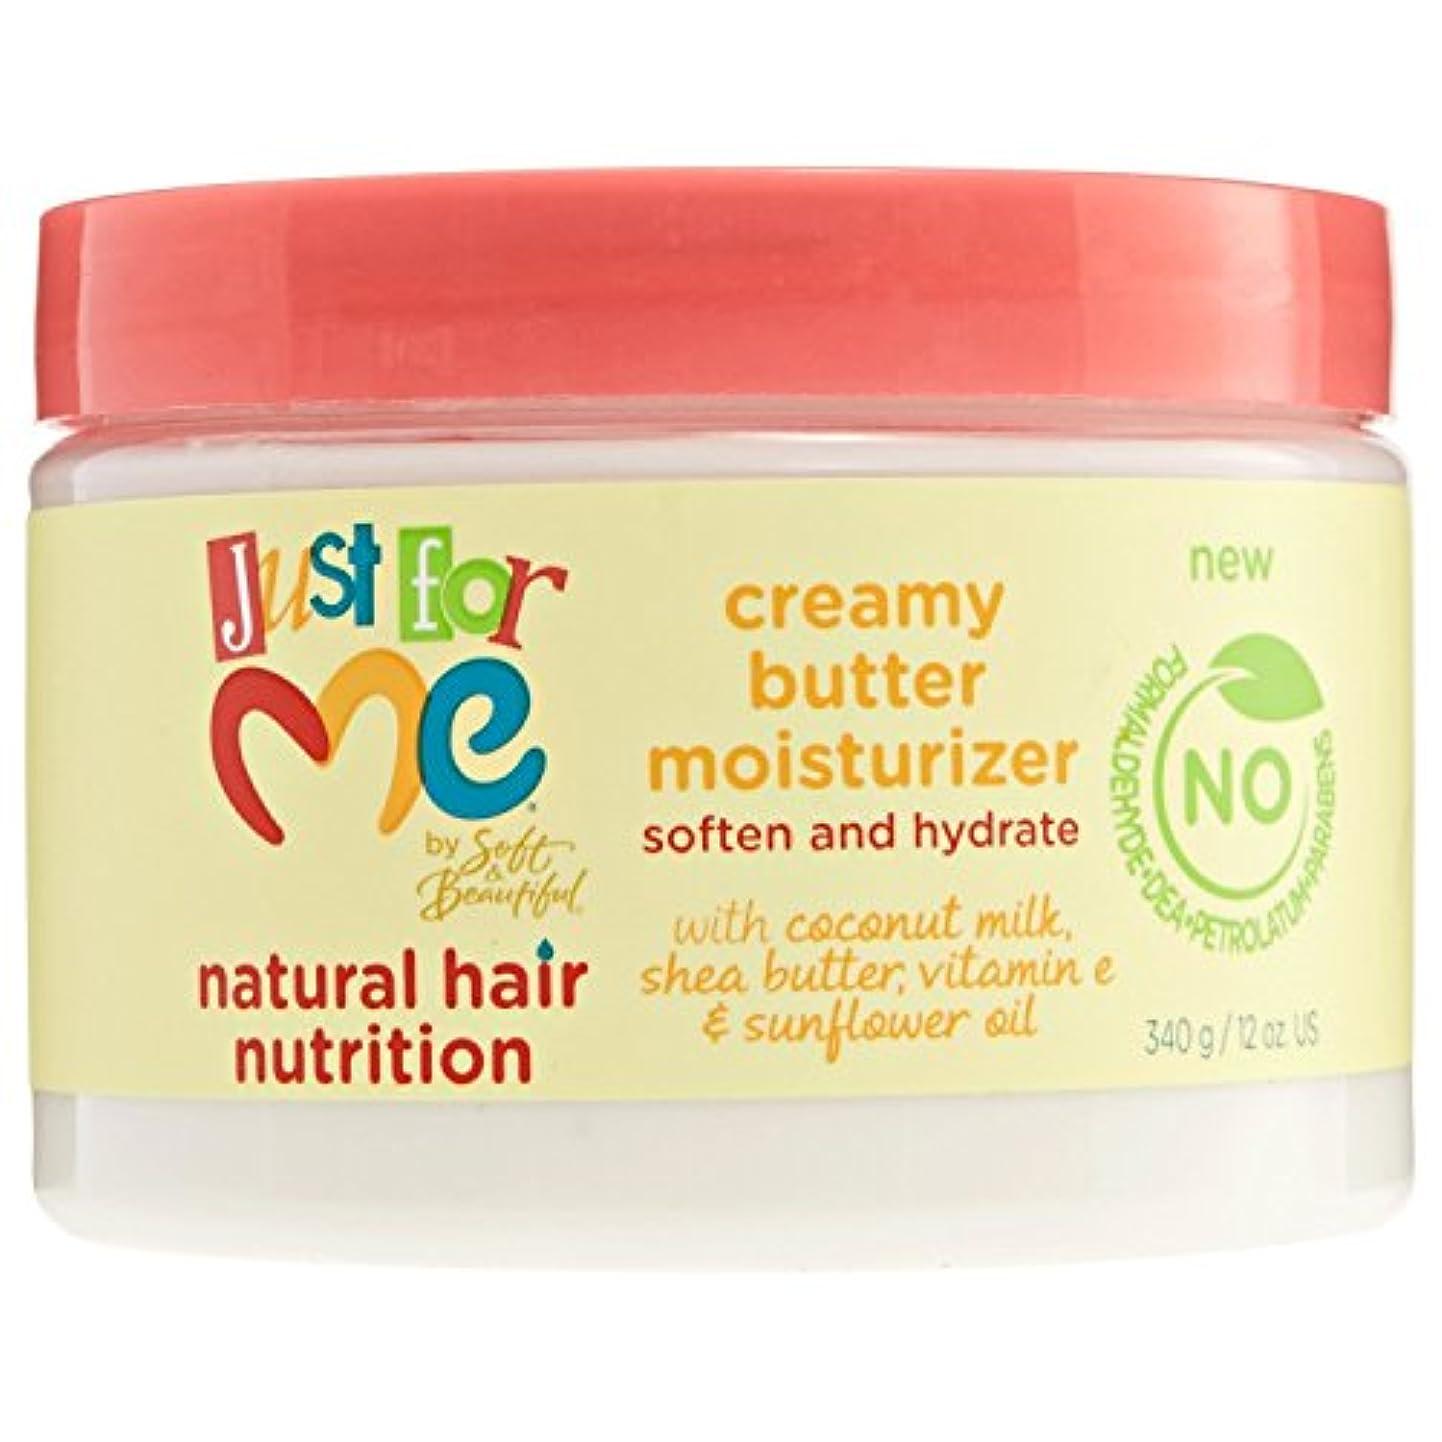 多様な窒素送料Just For Me ナチュラルヘア栄養クリーミーバター保湿、12オンス